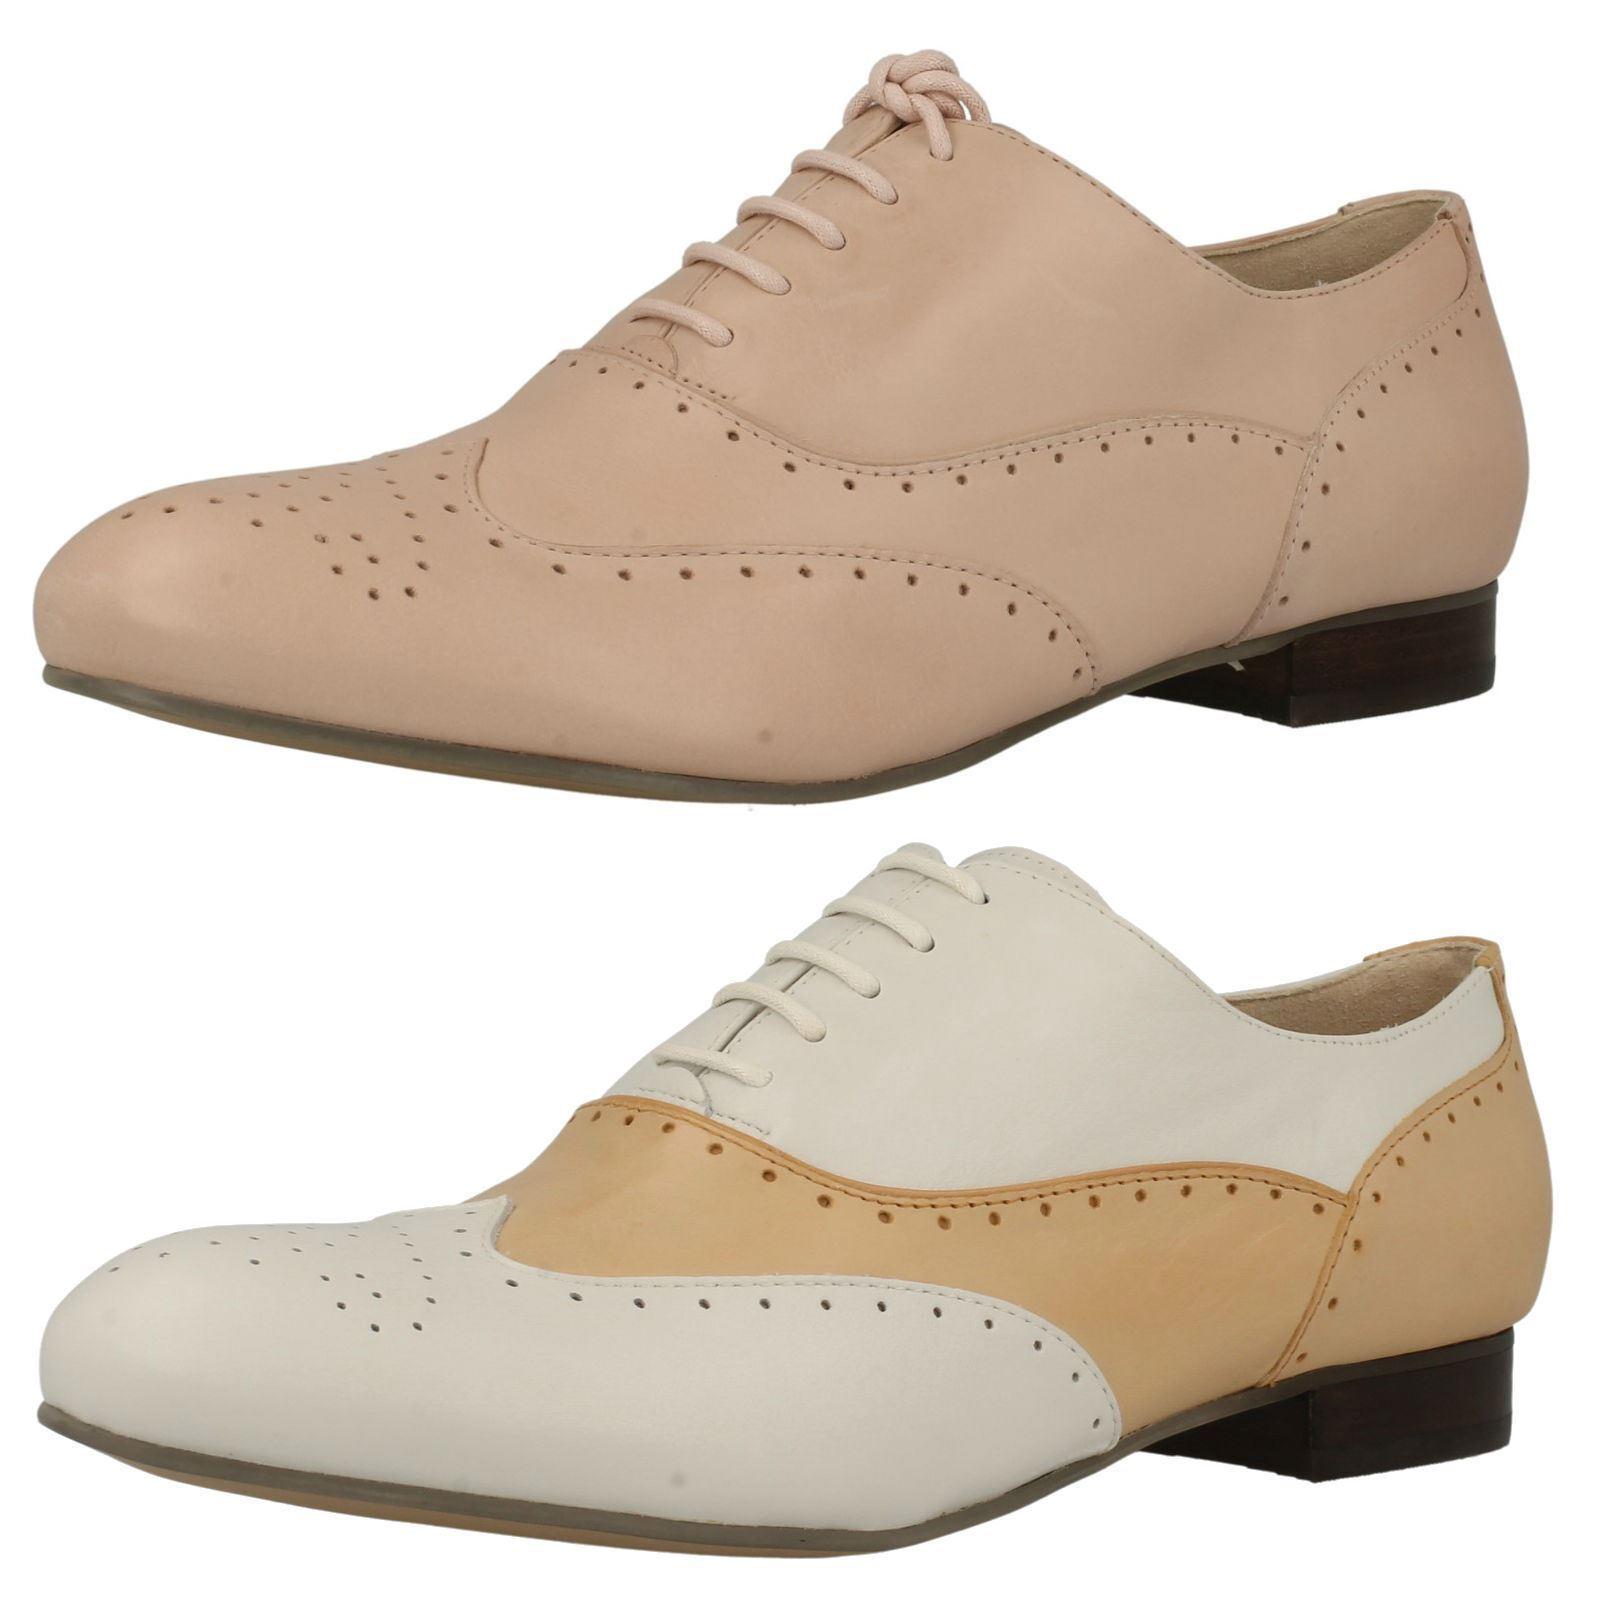 Cómodo y bien parecido Clarks Mujer Cuero Tacón Bajo Planos Con Cordones Zapato Oxford Elegante Ennis